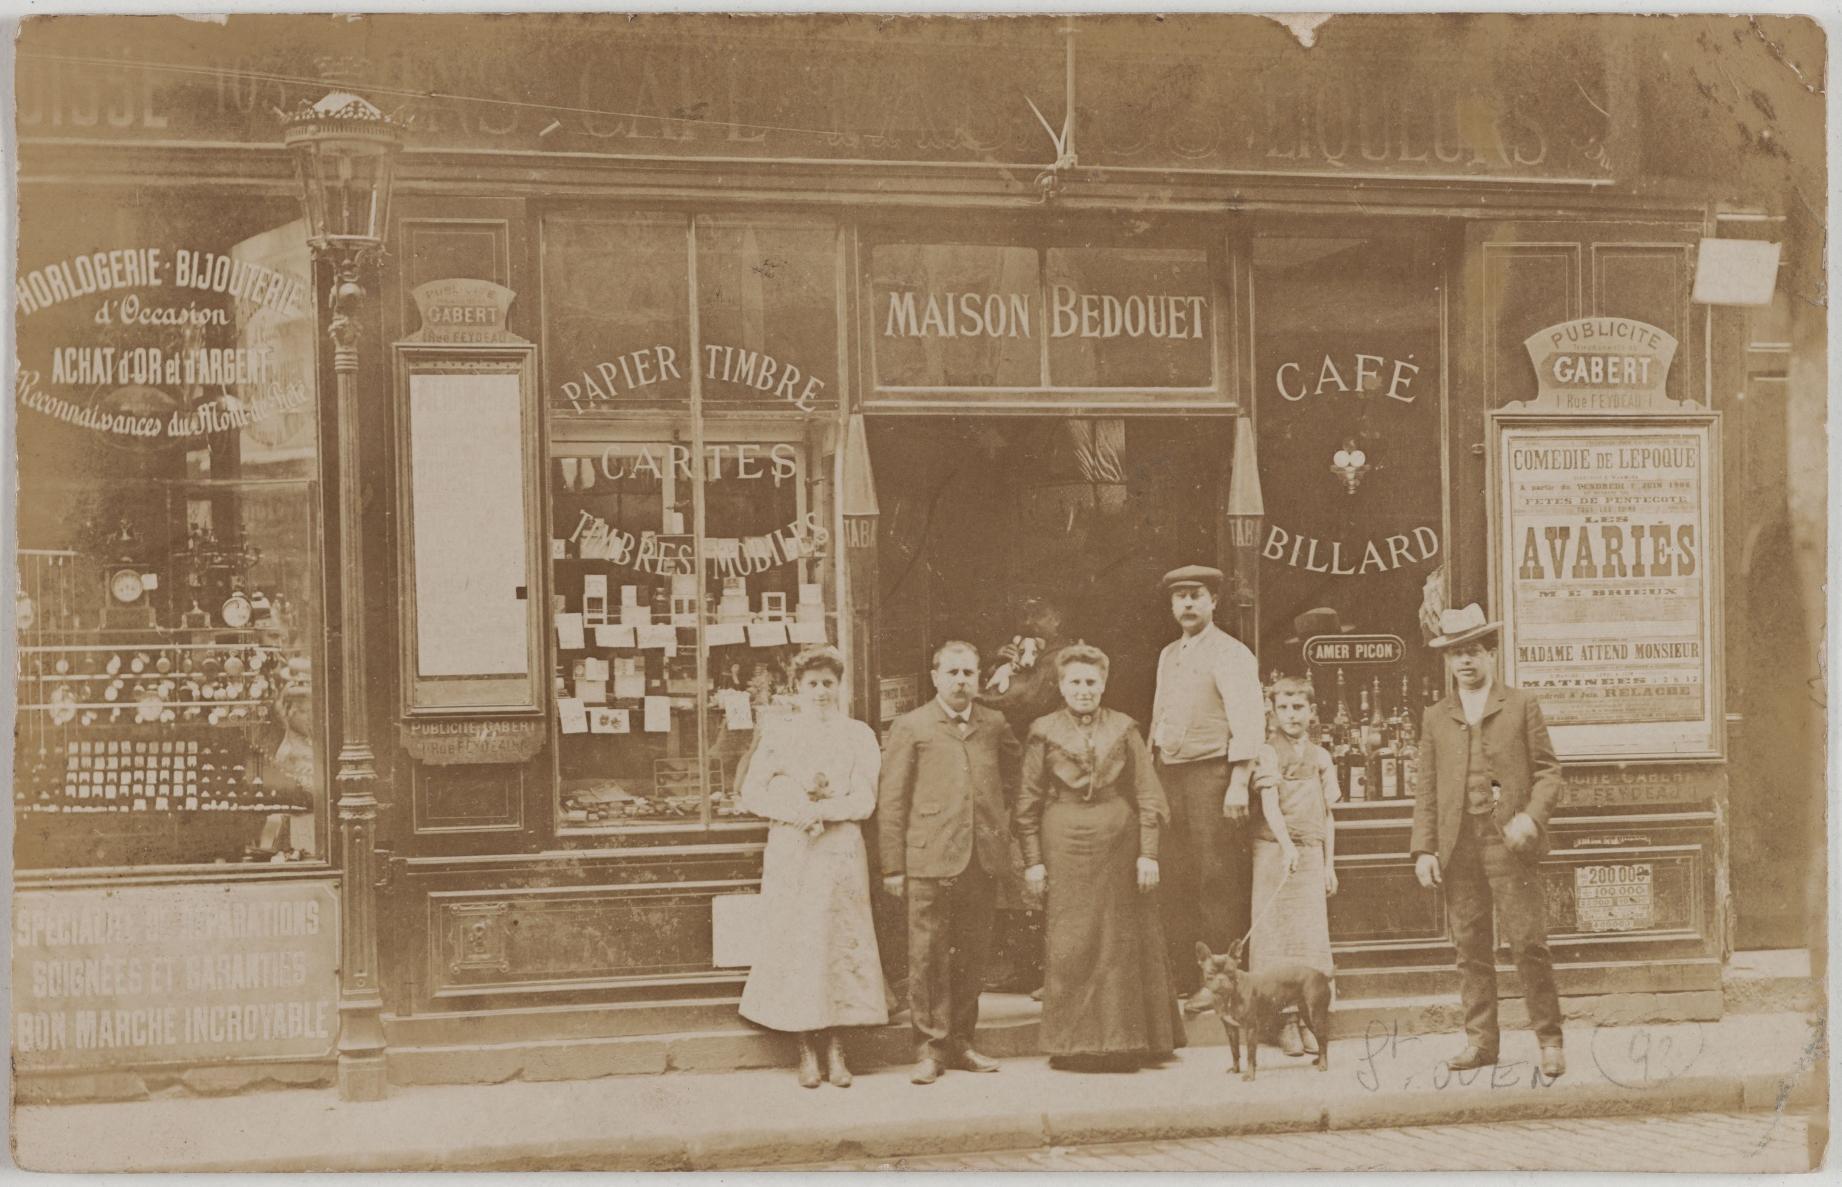 1906. Кафе, бильярд, табак, открытки. 103, rue du Temple; Магазин подержанных часов и ювелирных изделий, 103, rue du Temple. Сейчас на этом месте то же самое